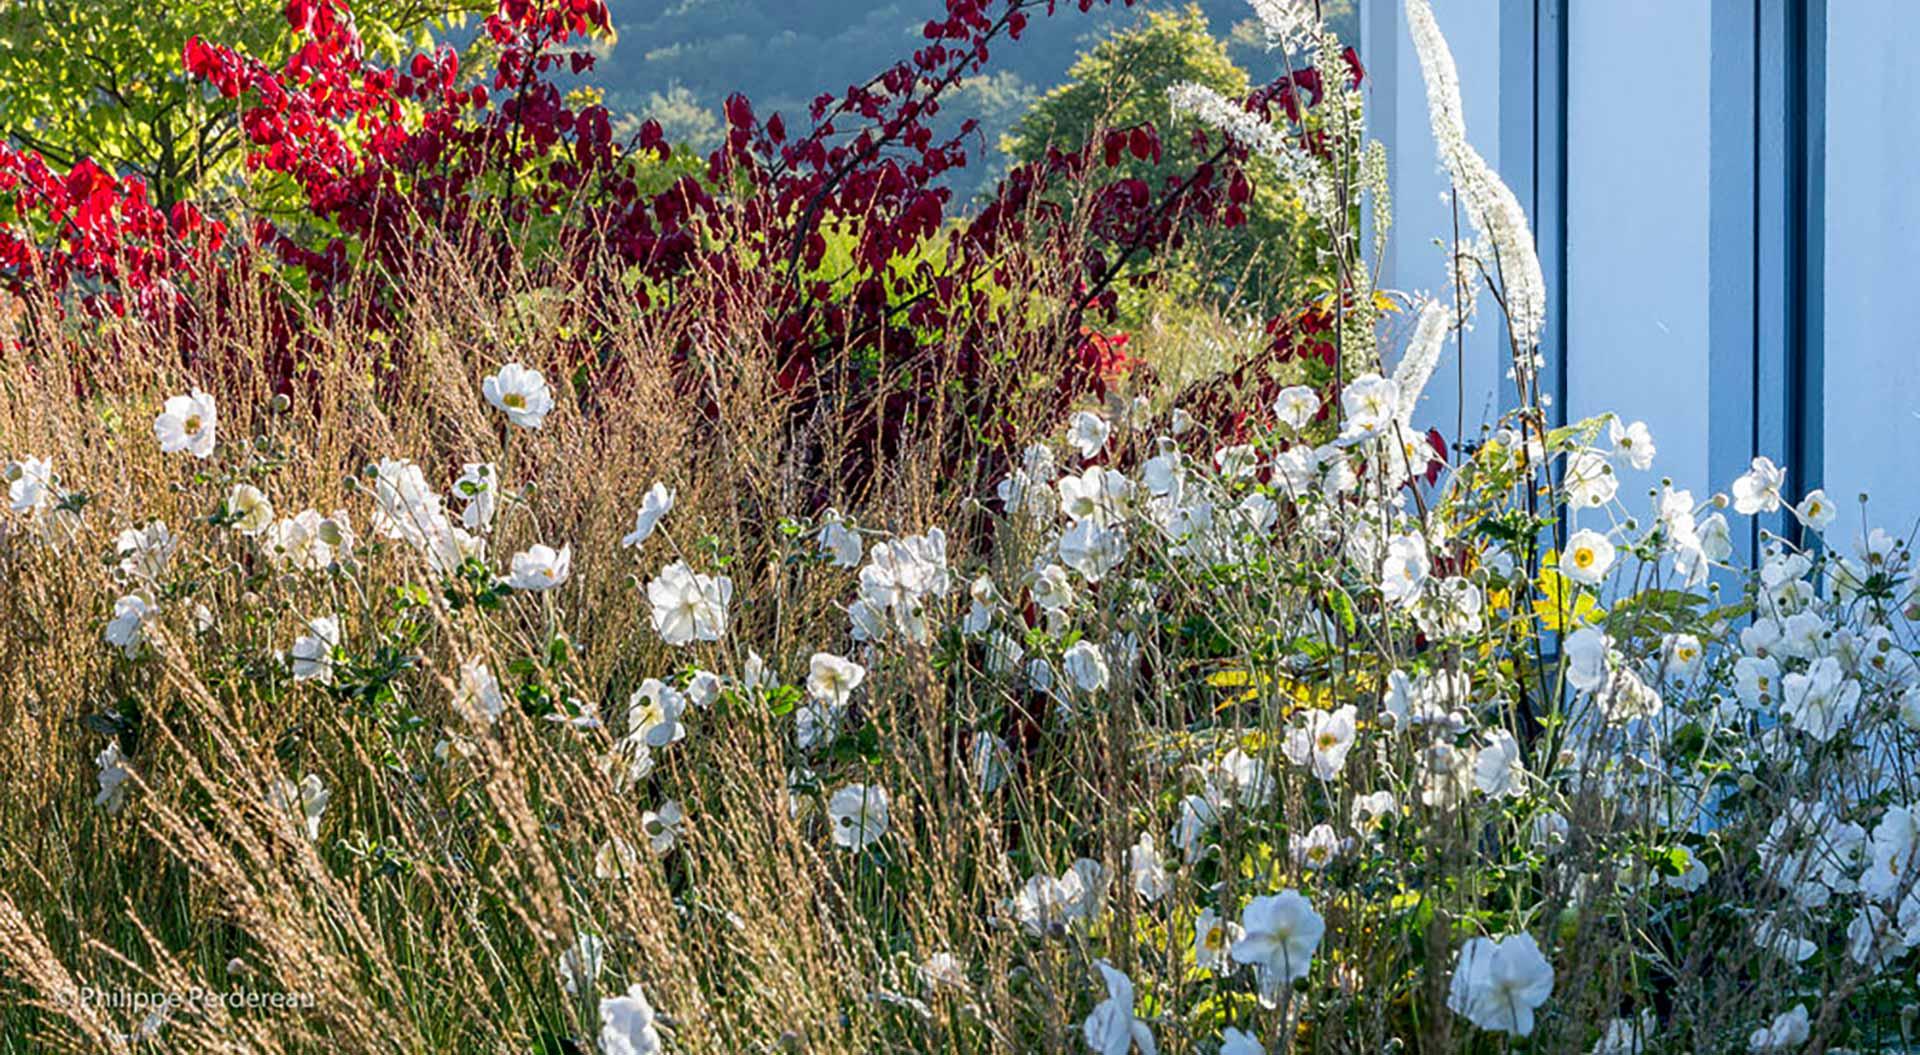 Eifel-Garten mit Pflanzen- und Blumenvielfalt